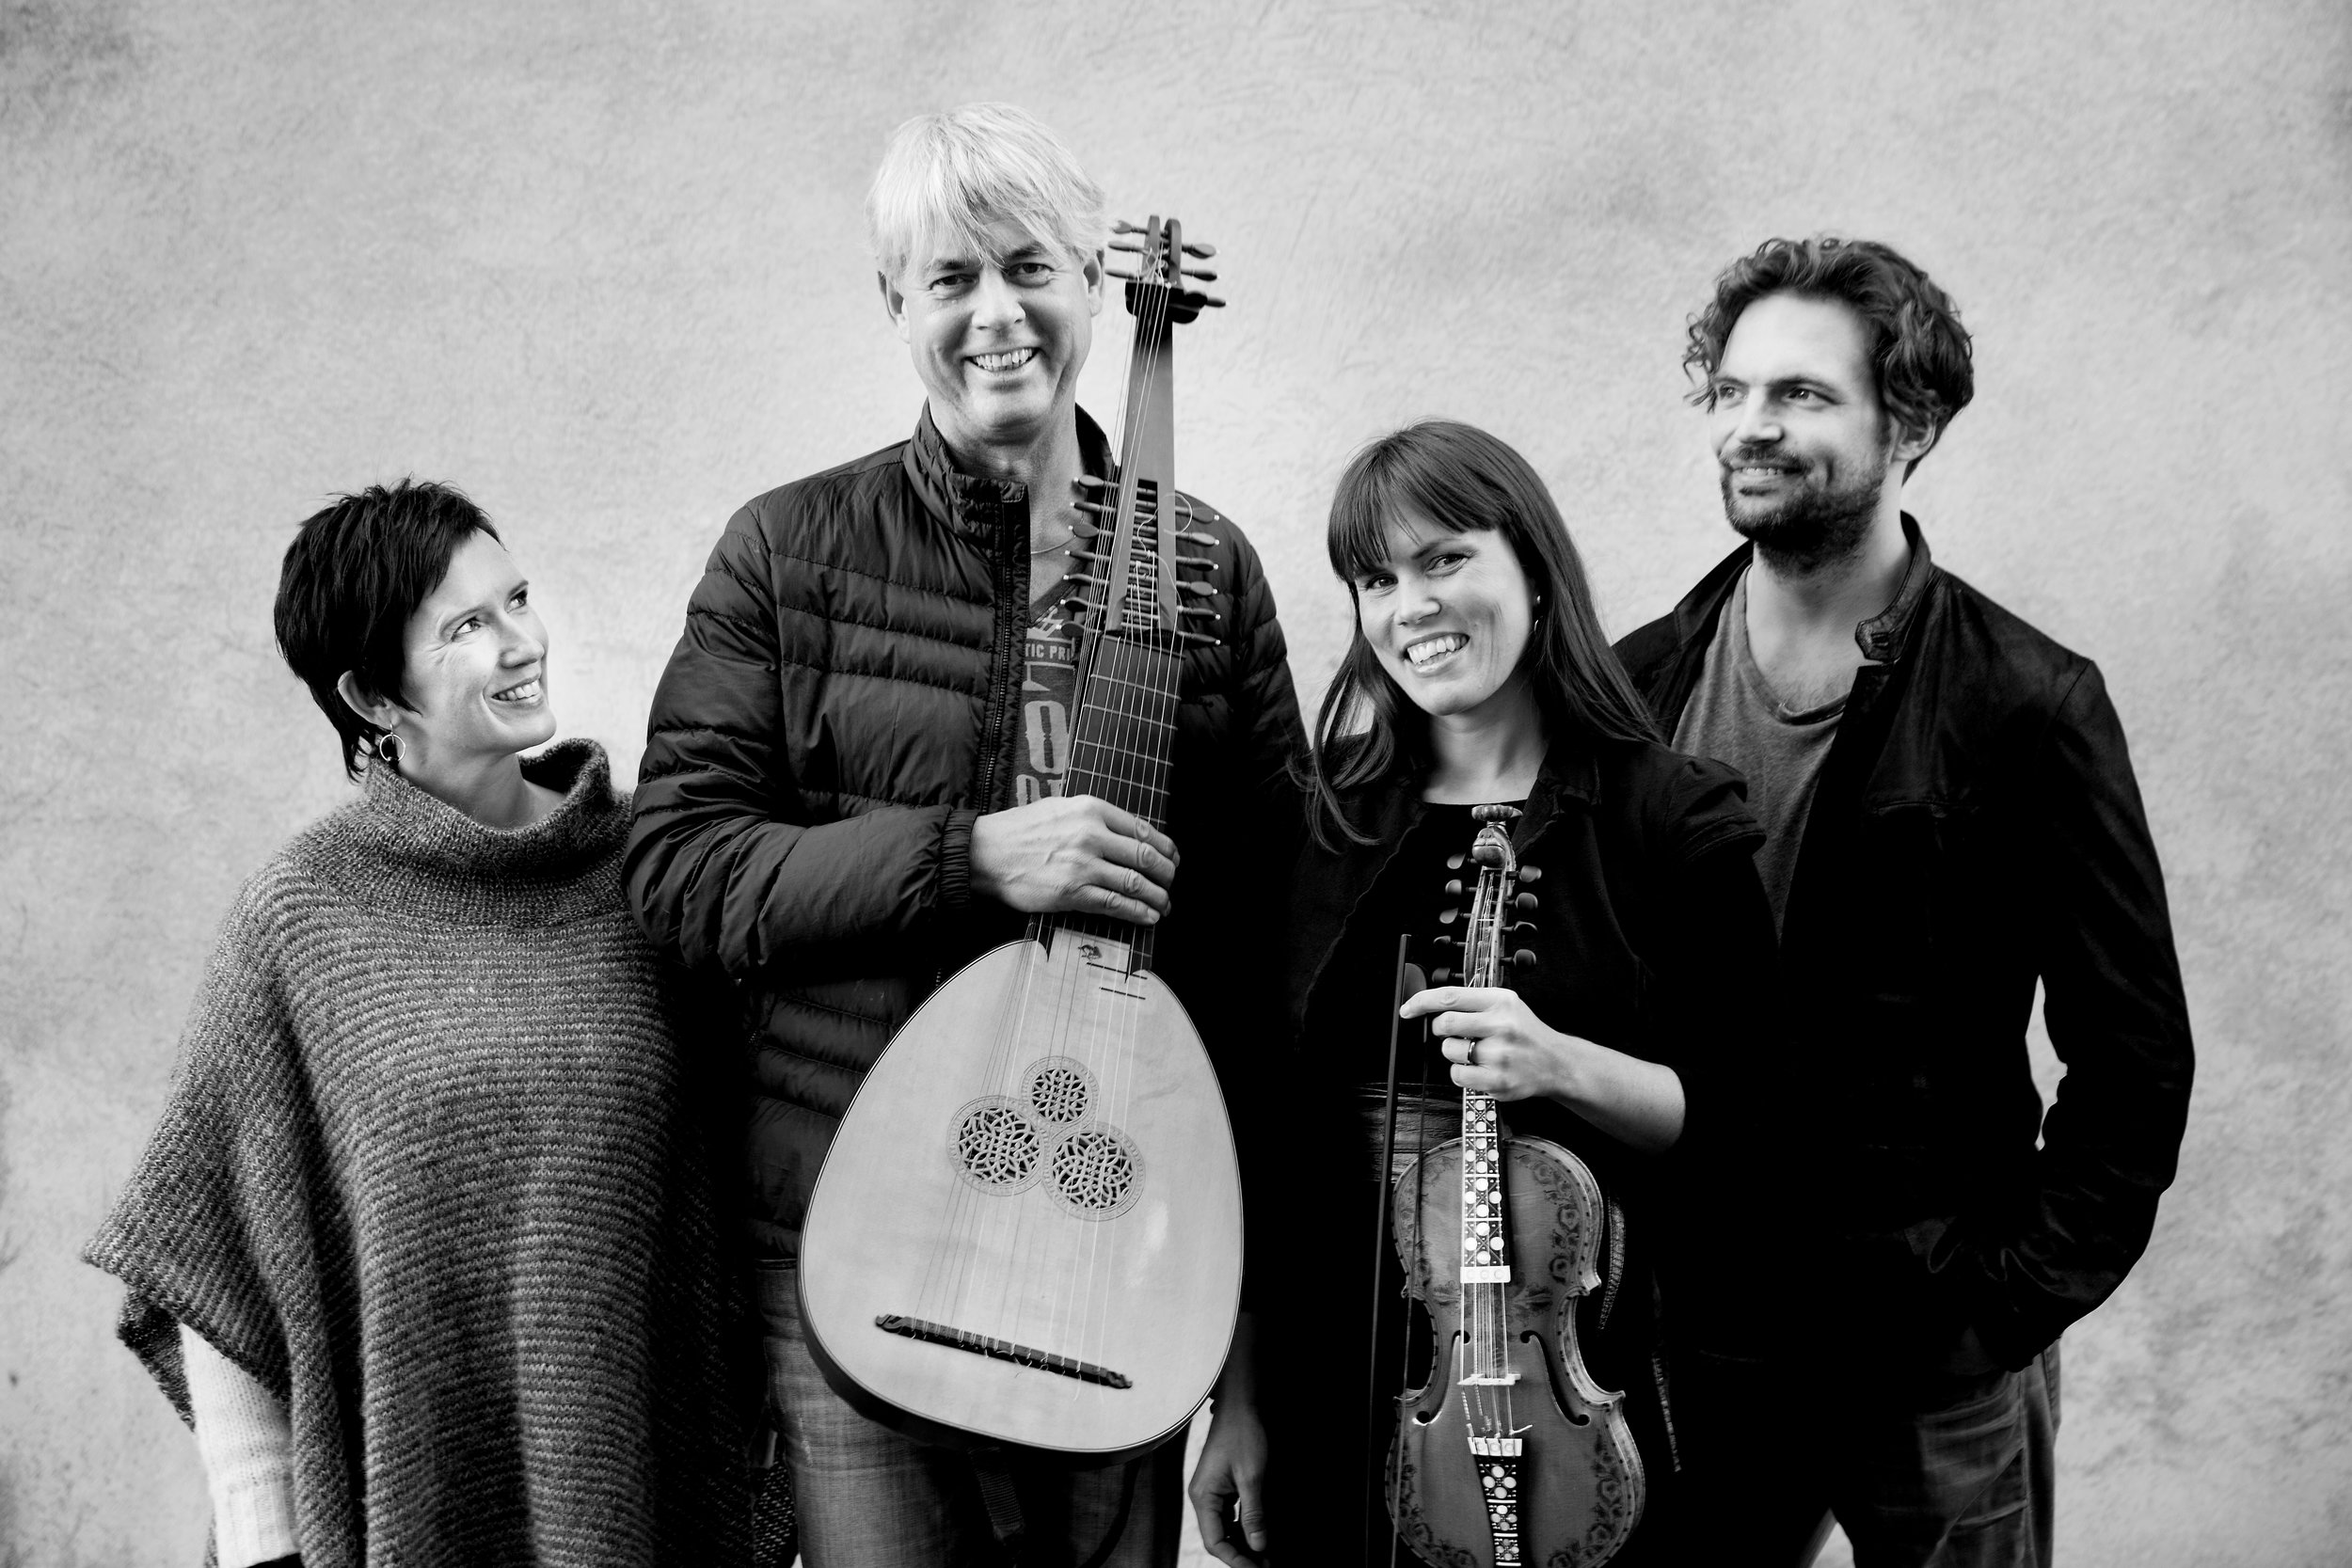 TIDEKVERV: Berit Opheim, Rolv Lislevand, Benedicte Maurseth og Håkon Mørch Stene - konsert i Ålhus kyrkje torsdag 21. september.